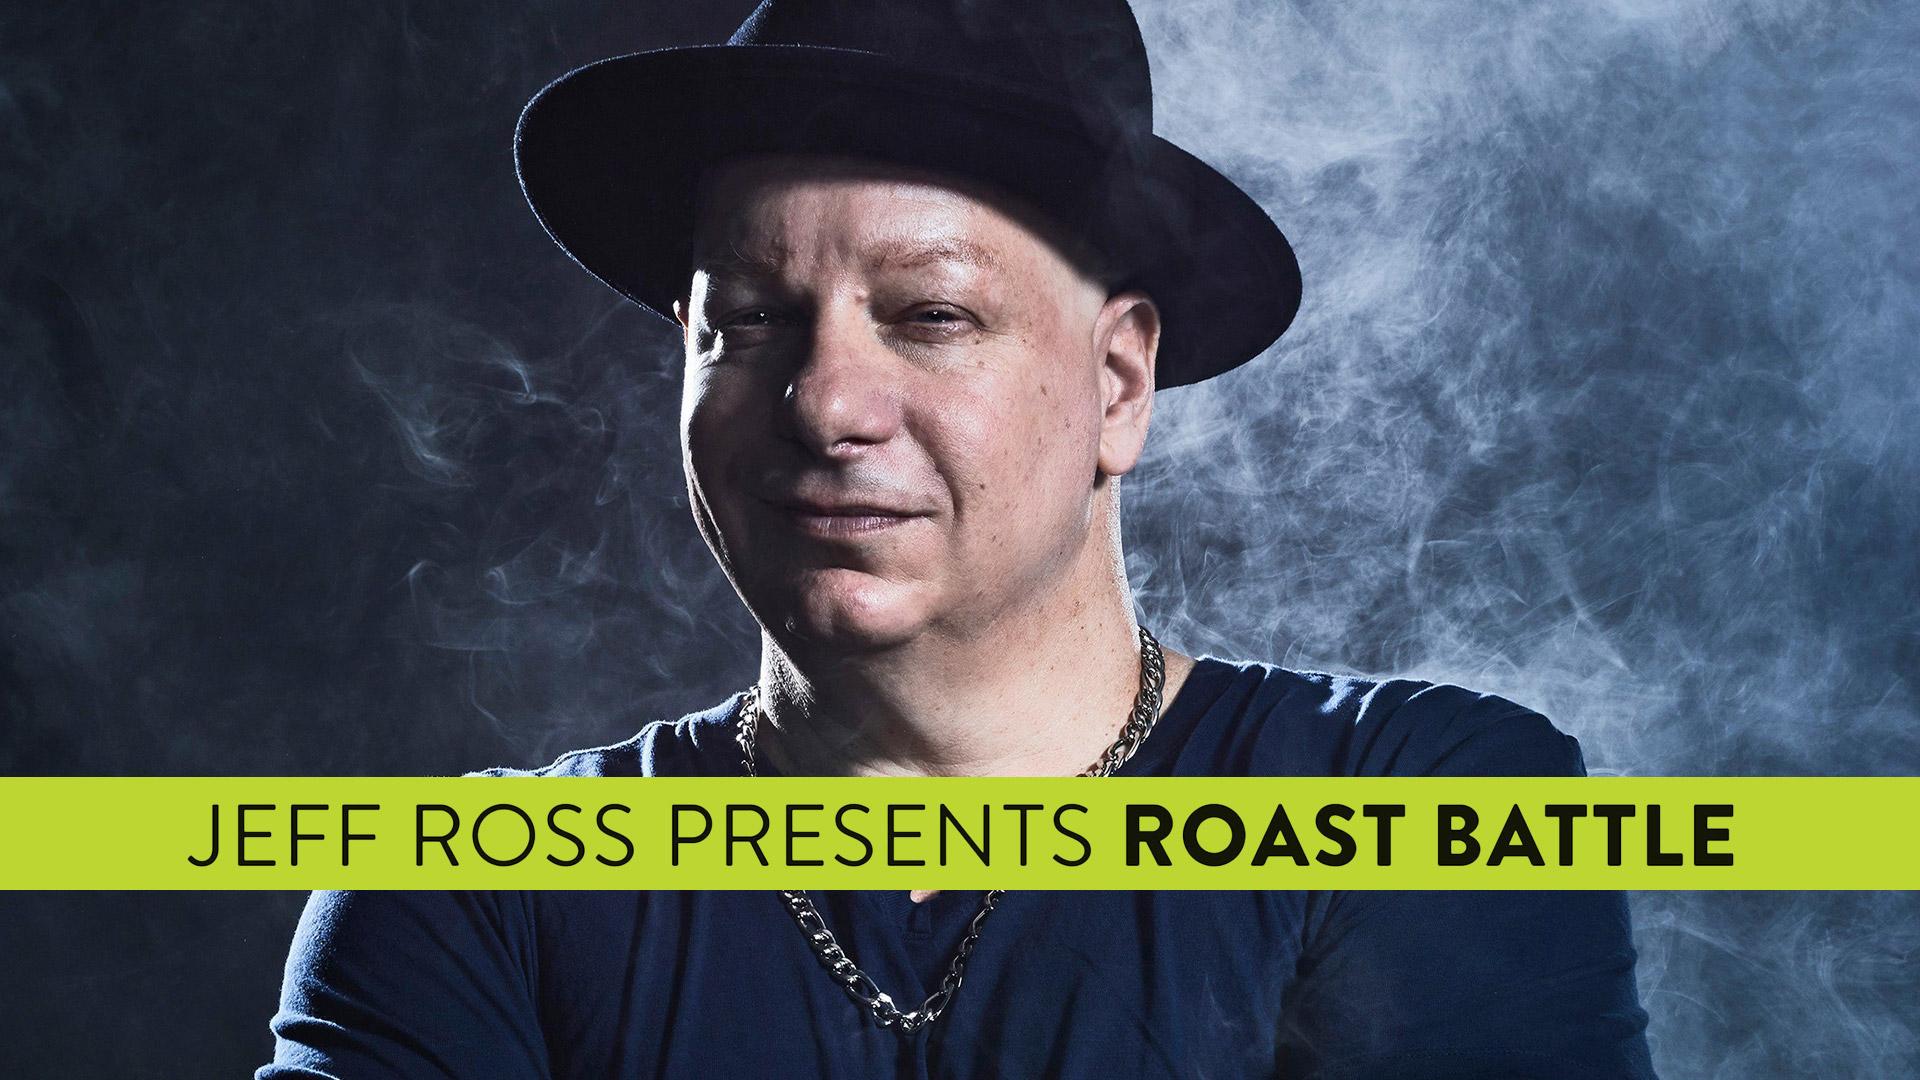 Jeff Ross Presents Roast Battle Season 1